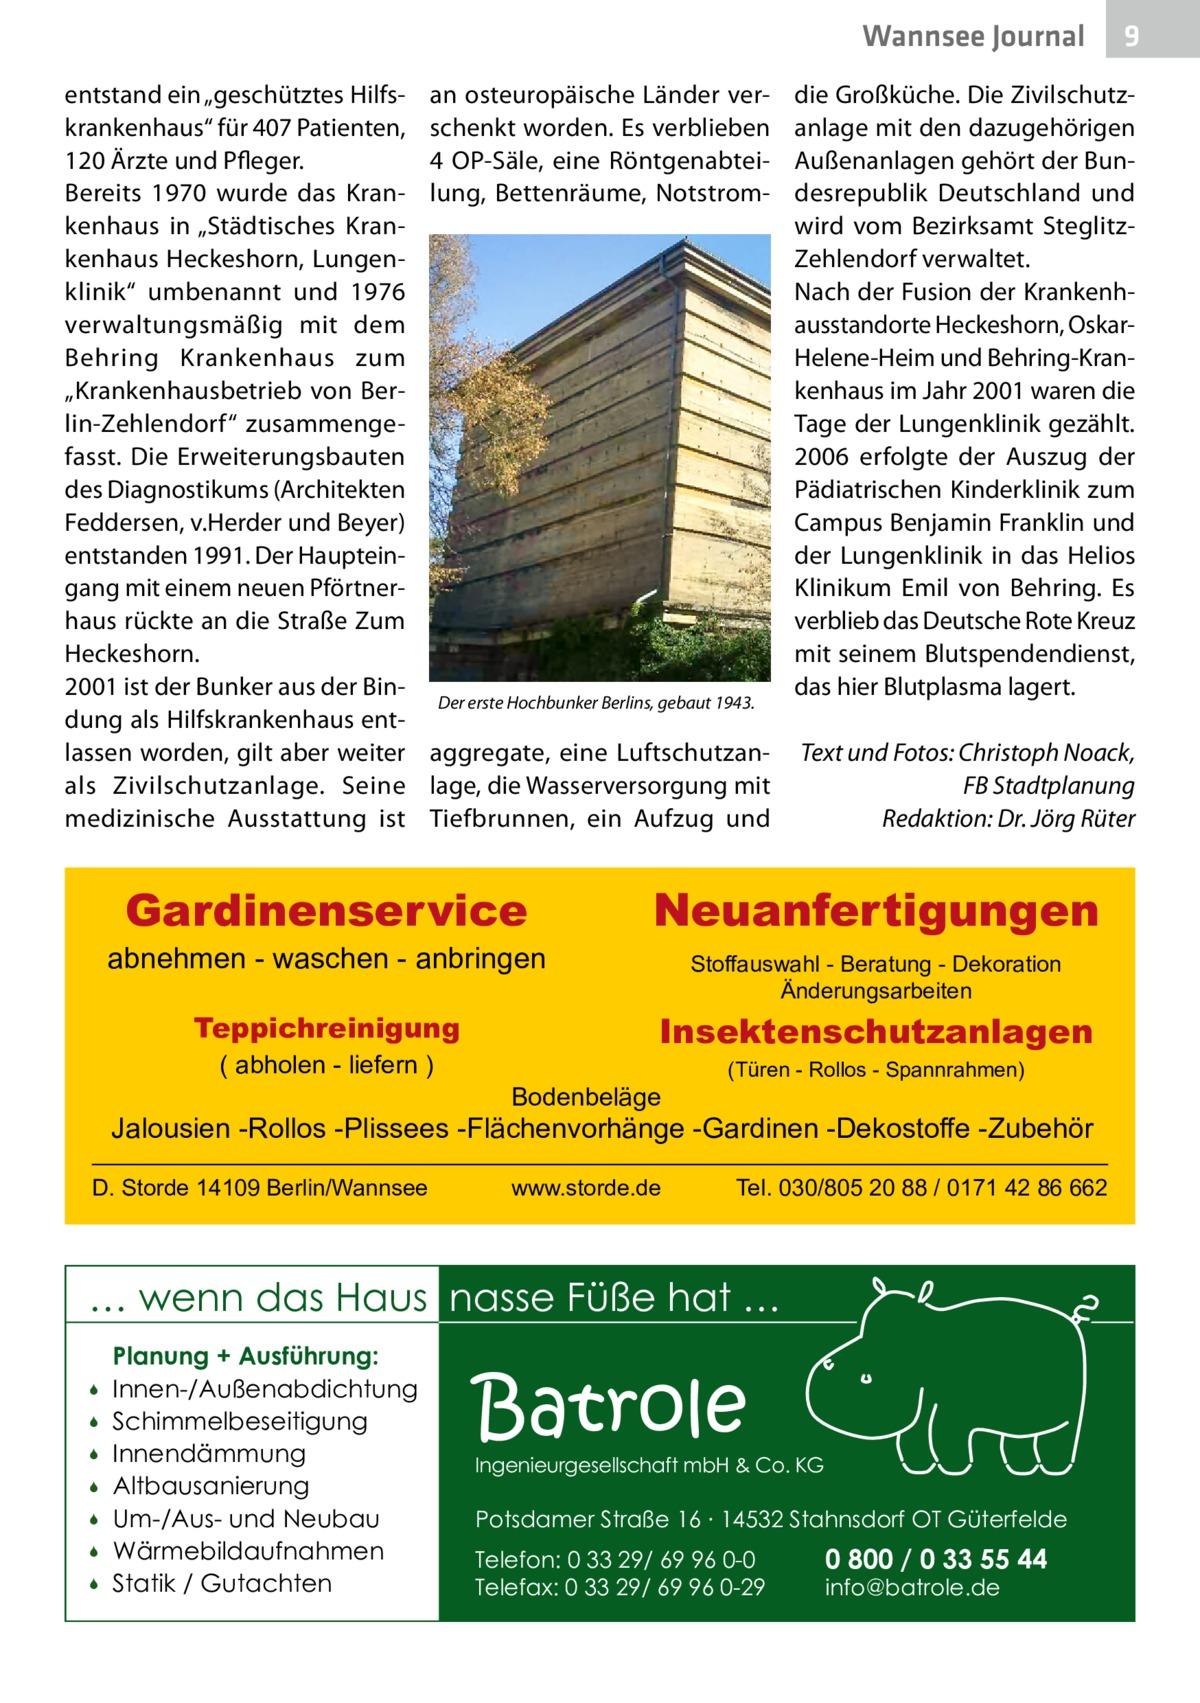 """Wannsee Journal entstand ein """"geschütztes Hilfskrankenhaus"""" für 407Patienten, 120Ärzte und Pfleger. Bereits 1970 wurde das Krankenhaus in """"Städtisches Krankenhaus Heckeshorn, Lungenklinik"""" umbenannt und 1976 verwaltungsmäßig mit dem Behring Krankenhaus zum """"Krankenhausbetrieb von Berlin-Zehlendorf"""" zusammengefasst. Die Erweiterungsbauten des Diagnostikums (Architekten Feddersen, v.Herder und Beyer) entstanden 1991. Der Haupteingang mit einem neuen Pförtnerhaus rückte an die Straße Zum Heckeshorn. 2001 ist der Bunker aus der Bindung als Hilfskrankenhaus entlassen worden, gilt aber weiter als Zivilschutzanlage. Seine medizinische Ausstattung ist  an osteuropäische Länder verschenkt worden. Es verblieben 4 OP-Säle, eine Röntgenabteilung, Bettenräume, Notstrom die Großküche. Die Zivilschutzanlage mit den dazugehörigen Außenanlagen gehört der Bundesrepublik Deutschland und wird vom Bezirksamt SteglitzZehlendorf verwaltet. Nach der Fusion der Krankenhausstandorte Heckeshorn, OskarHelene-Heim und Behring-Krankenhaus im Jahr 2001 waren die Tage der Lungenklinik gezählt. 2006 erfolgte der Auszug der Pädiatrischen Kinderklinik zum Campus Benjamin Franklin und der Lungenklinik in das Helios Klinikum Emil von Behring. Es verblieb das Deutsche Rote Kreuz mit seinem Blutspendendienst, das hier Blutplasma lagert. Der erste Hochbunker Berlins, gebaut 1943.  aggregate, eine Luftschutzan- Text und Fotos: Christoph Noack, lage, die Wasserversorgung mit FB Stadtplanung Tiefbrunnen, ein Aufzug und Redaktion: Dr.Jörg Rüter  Gardinenservice  abnehmen - waschen - anbringen Teppichreinigung ( abholen - liefern )  Neuanfertigungen Stoffauswahl - Beratung - Dekoration Änderungsarbeiten  Insektenschutzanlagen Bodenbeläge  (Türen - Rollos - Spannrahmen)  Jalousien -Rollos -Plissees -Flächenvorhänge -Gardinen -Dekostoffe -Zubehör D. Storde 14109 Berlin/Wannsee  www.storde.de  Tel. 030/805 20 88 / 0171 42 86 662  … wenn das Haus nasse Füße hat …         Planung + Ausführung: Innen-/Außenabdichtun"""